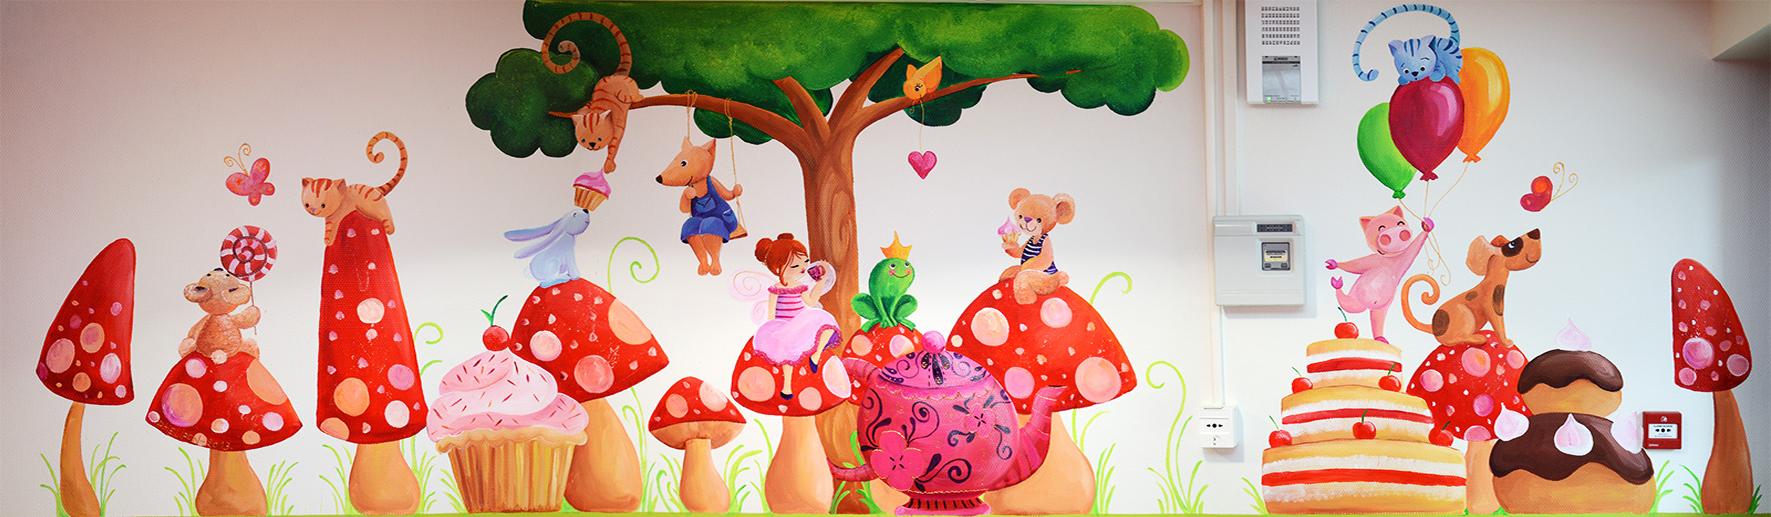 Fresque Pour Les Enfants De Souesmes Dernier Jour Ptit Blog D 39 Une Illustratrice Jeunesse